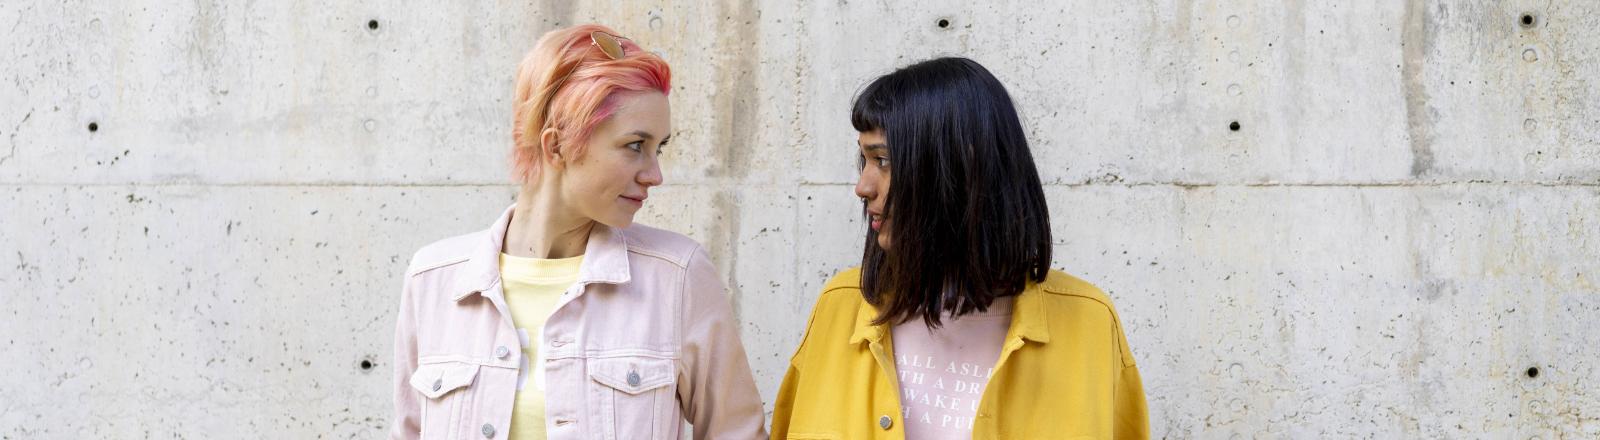 Zwei Frauen schauen sich an